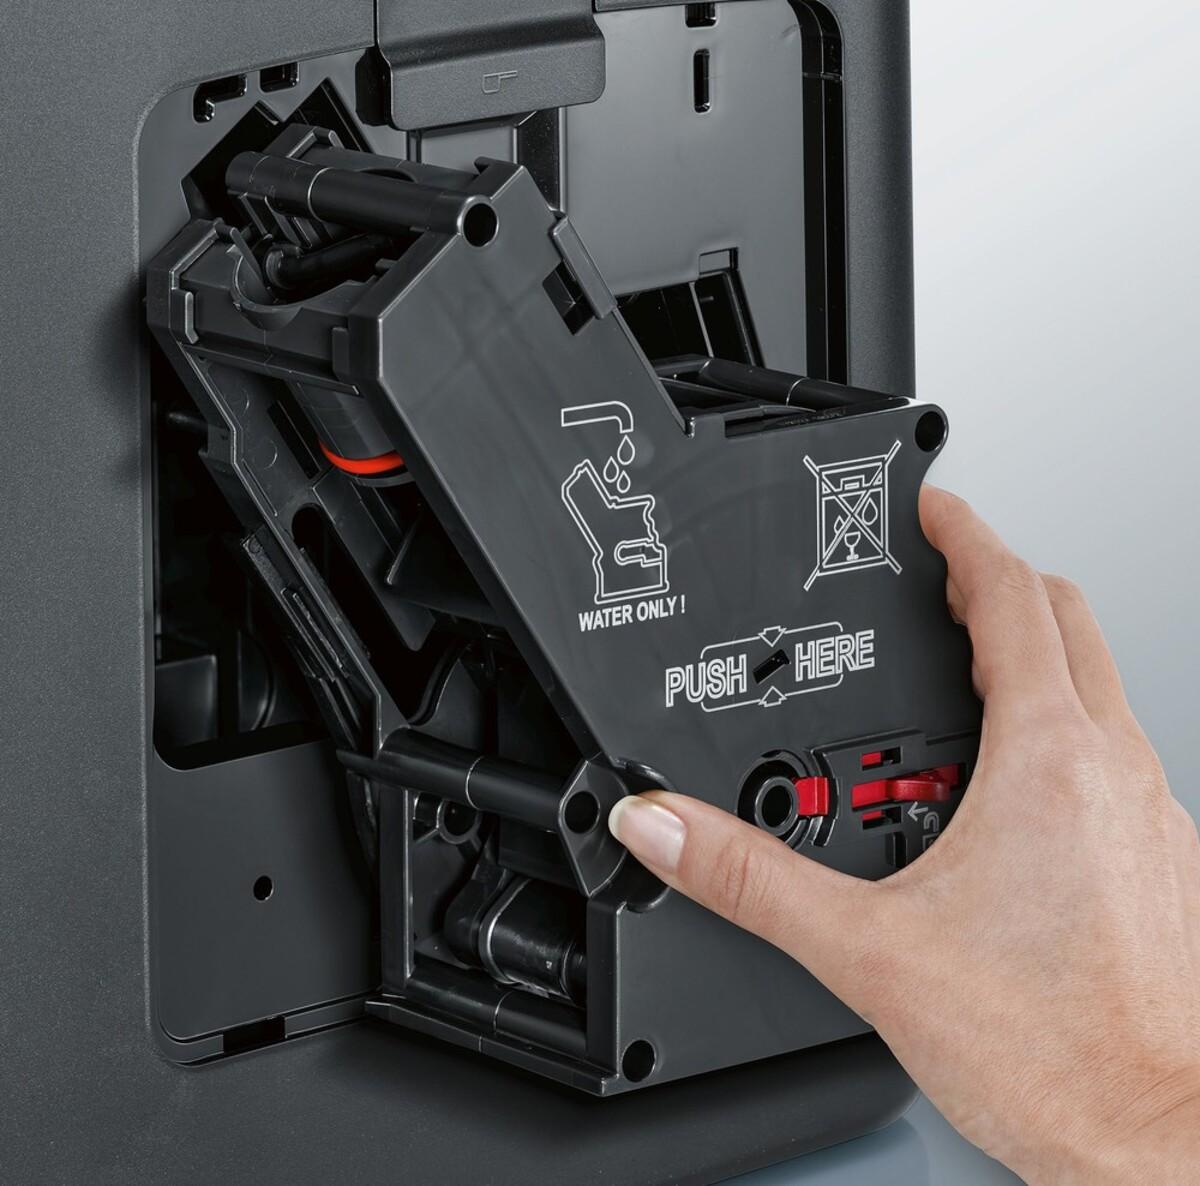 Bild 3 von SIEMENS EQ.6 plus s700 TE657M03DE Edelstahl, schwarz Kaffeevollautomat (coffeeSelect Display, autoMilk Clean, oneTouch DoubleCup, beleuchtetes Tassenpodest, iAroma System)